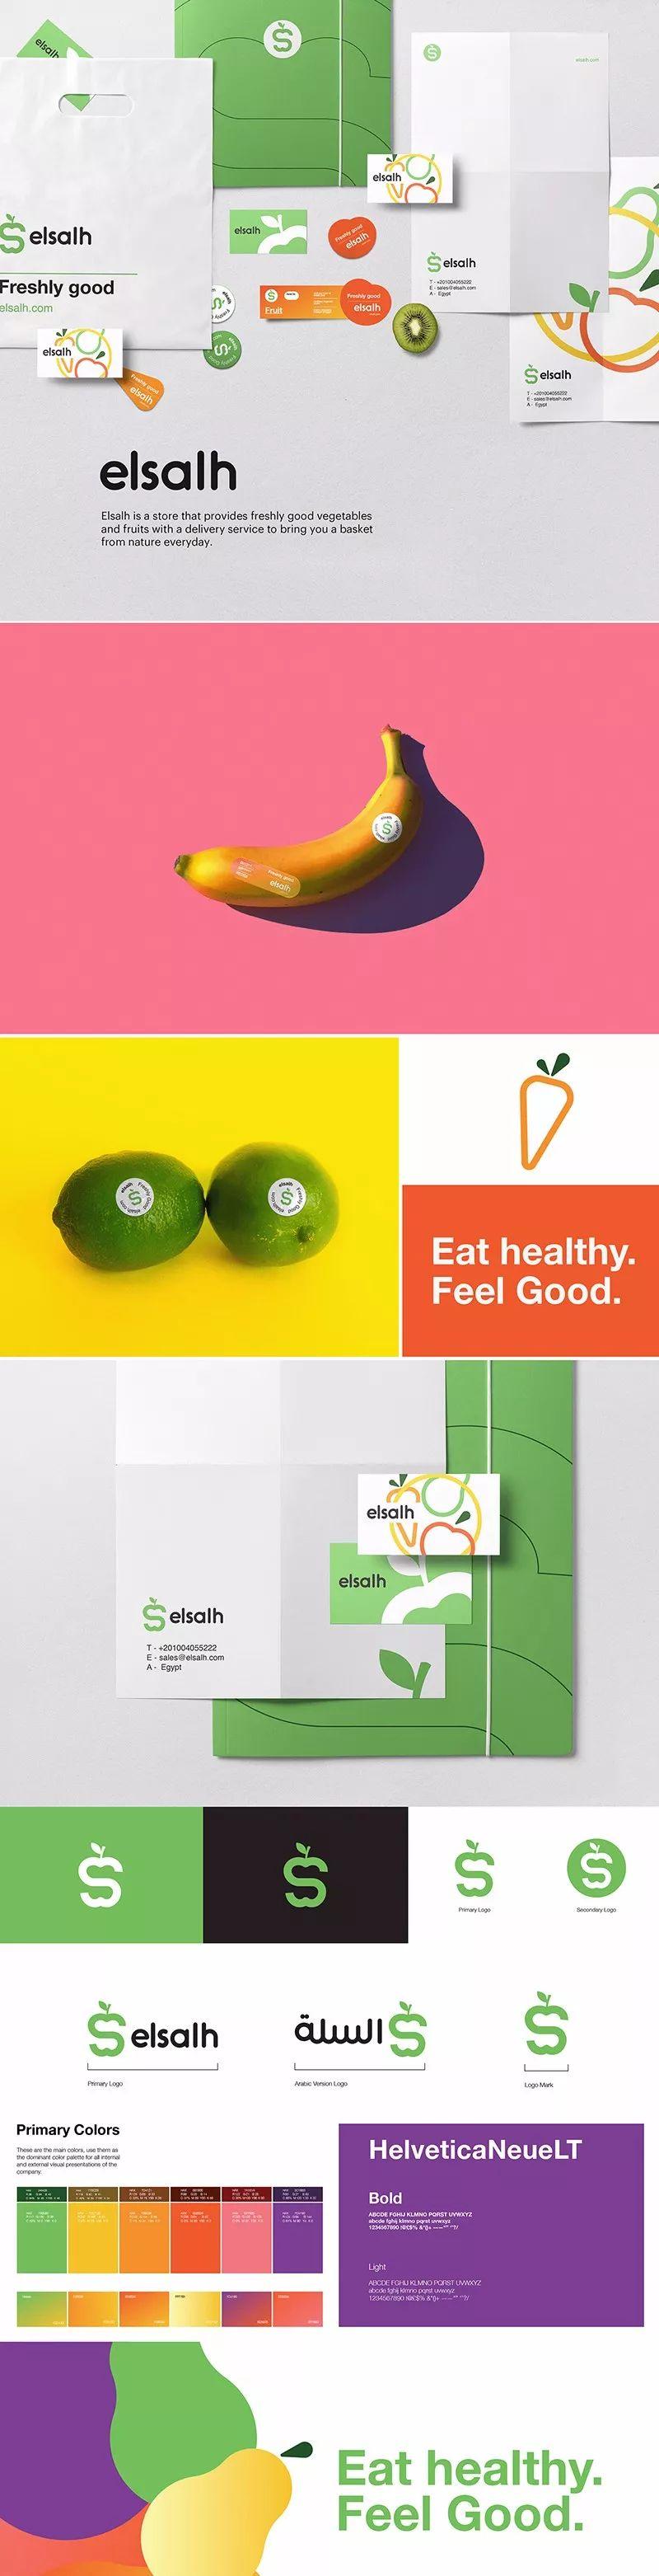 蔬菜水果品牌设计